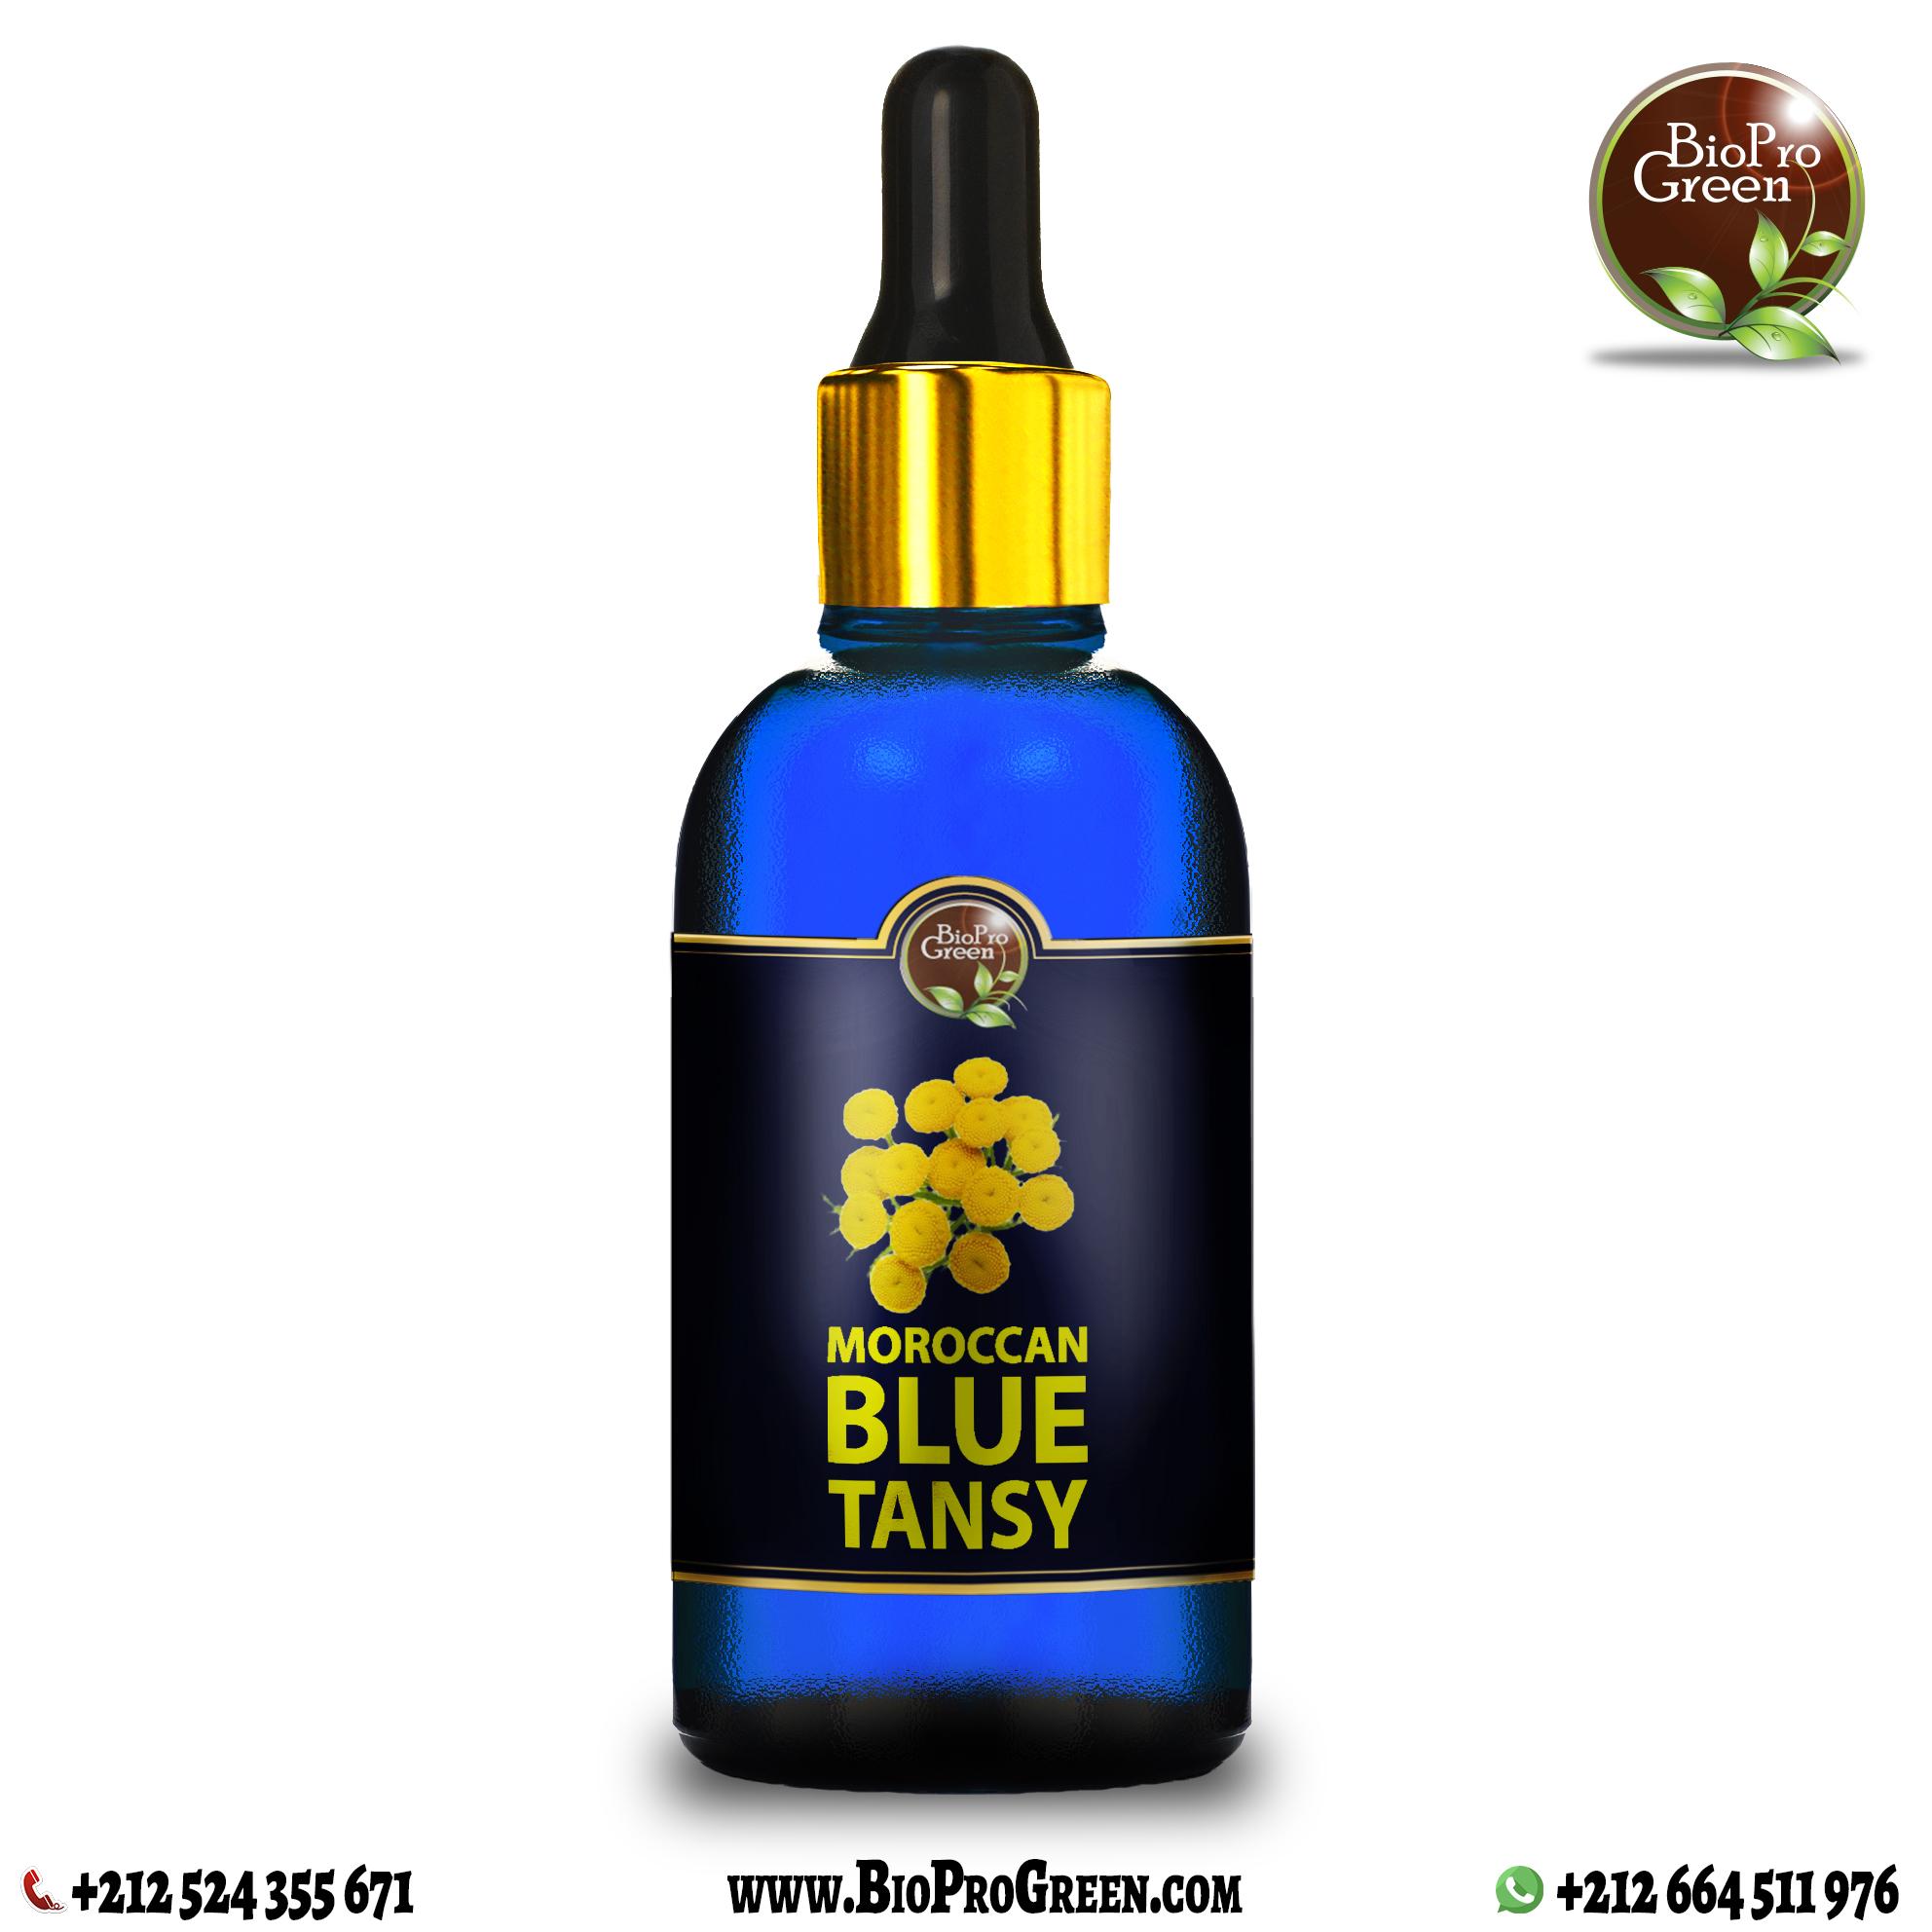 Moroccan blue tansy essential oil company